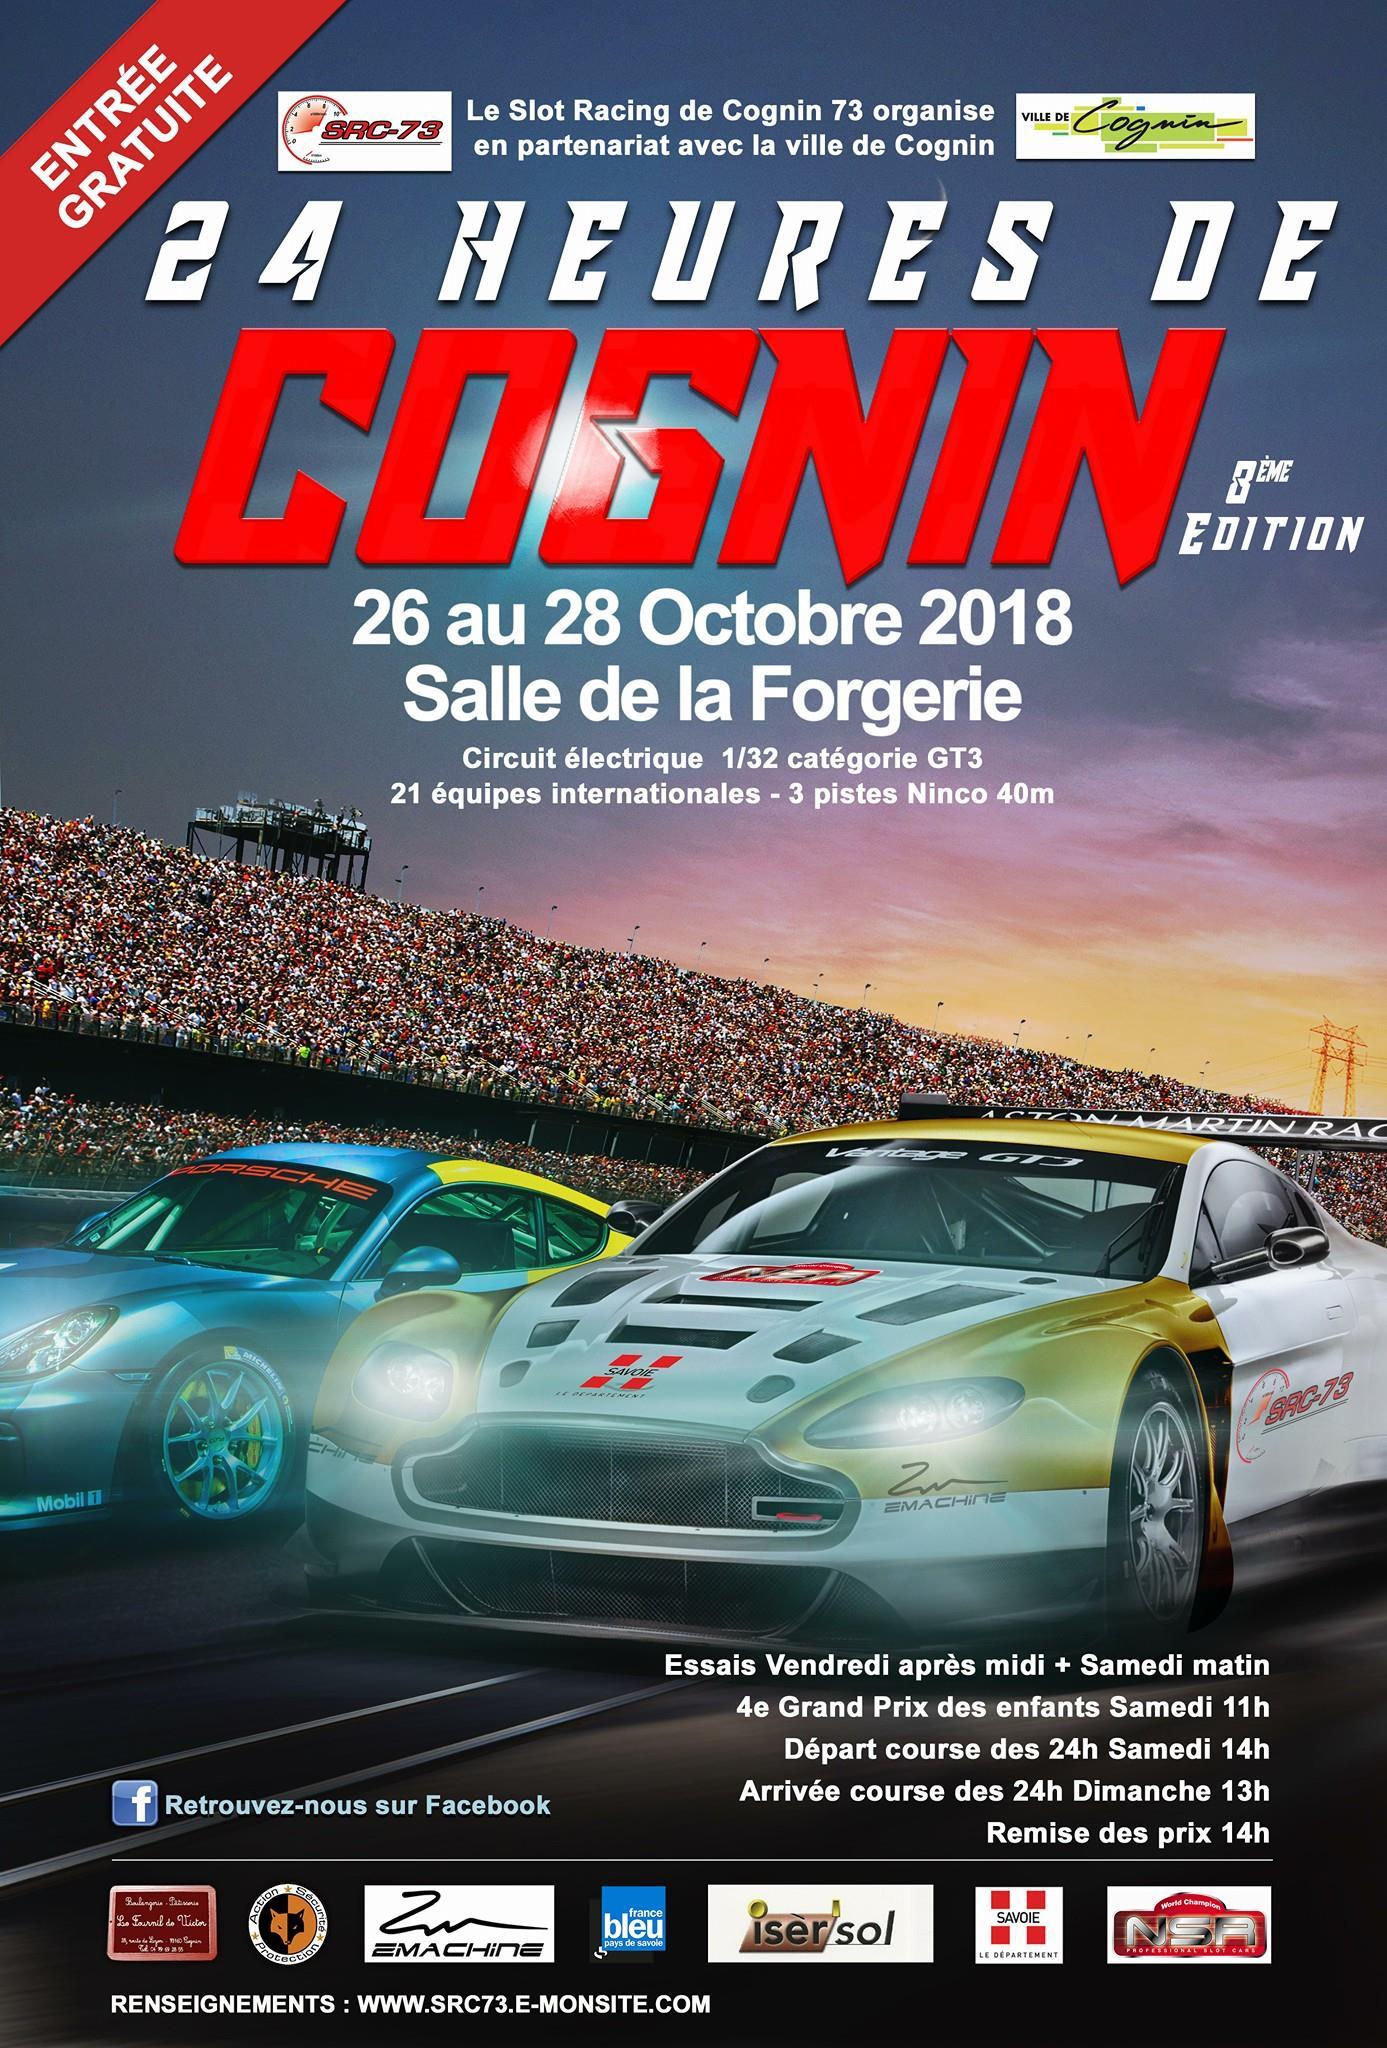 SRC73: Les 24h de Cognin 2018 sont lancées